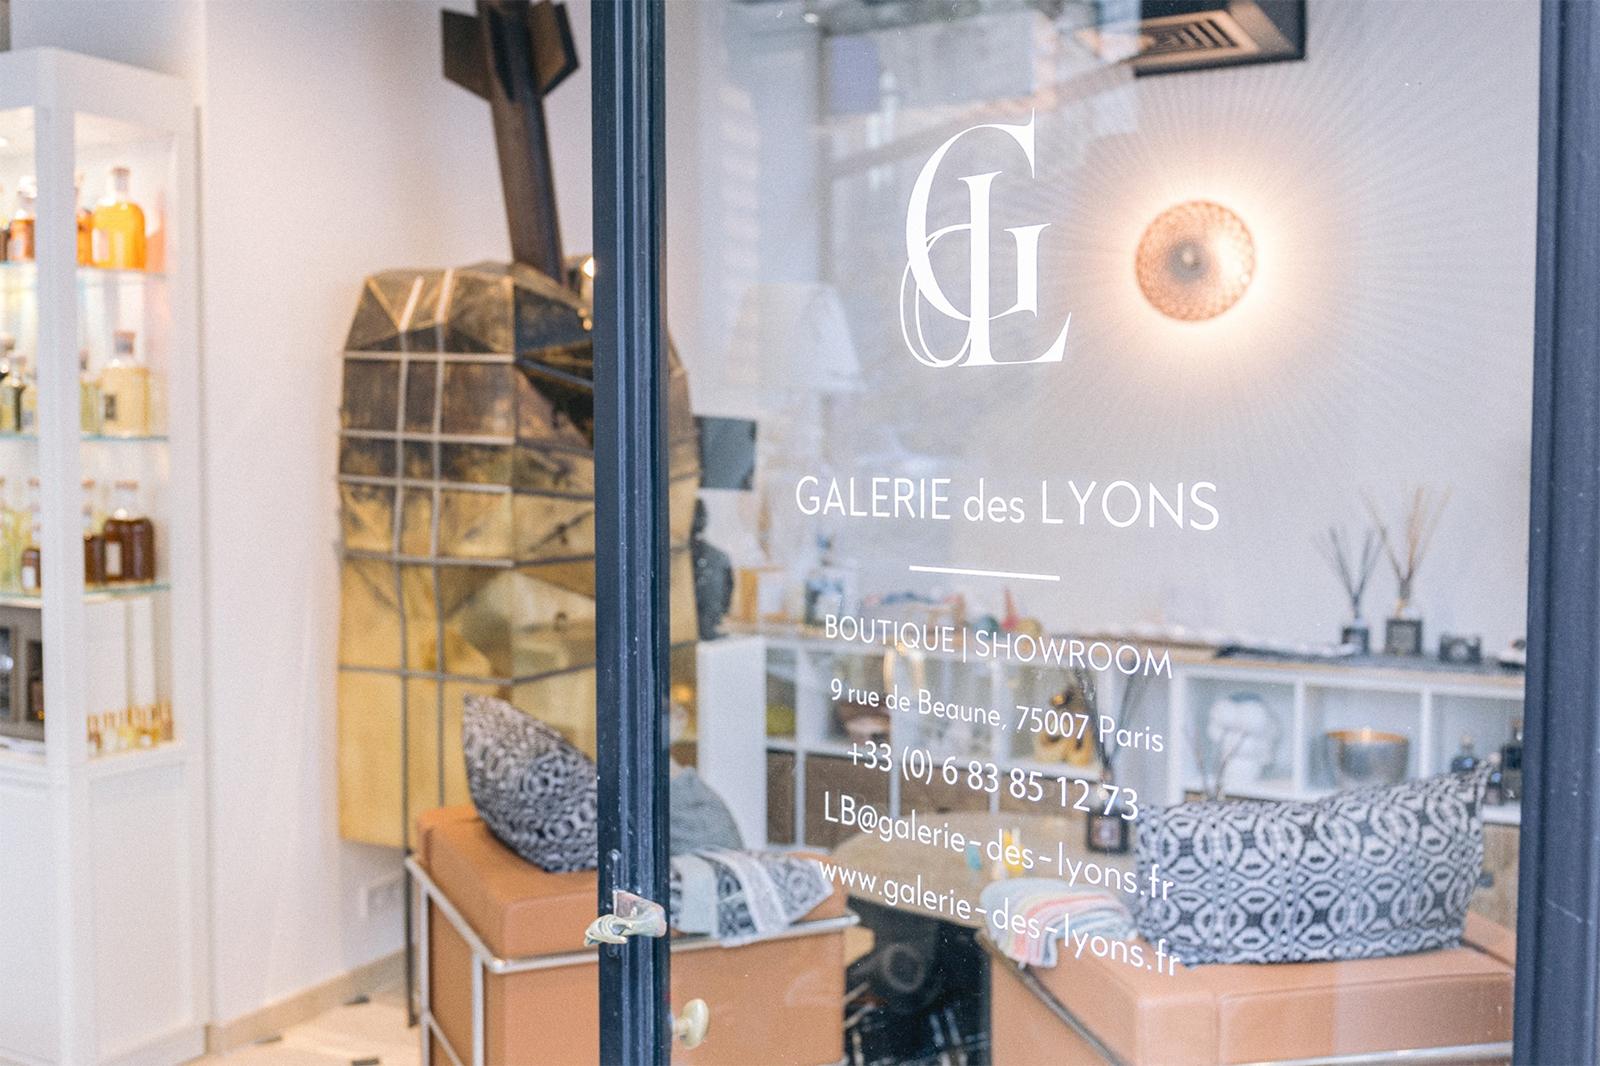 Galerie des Lyons